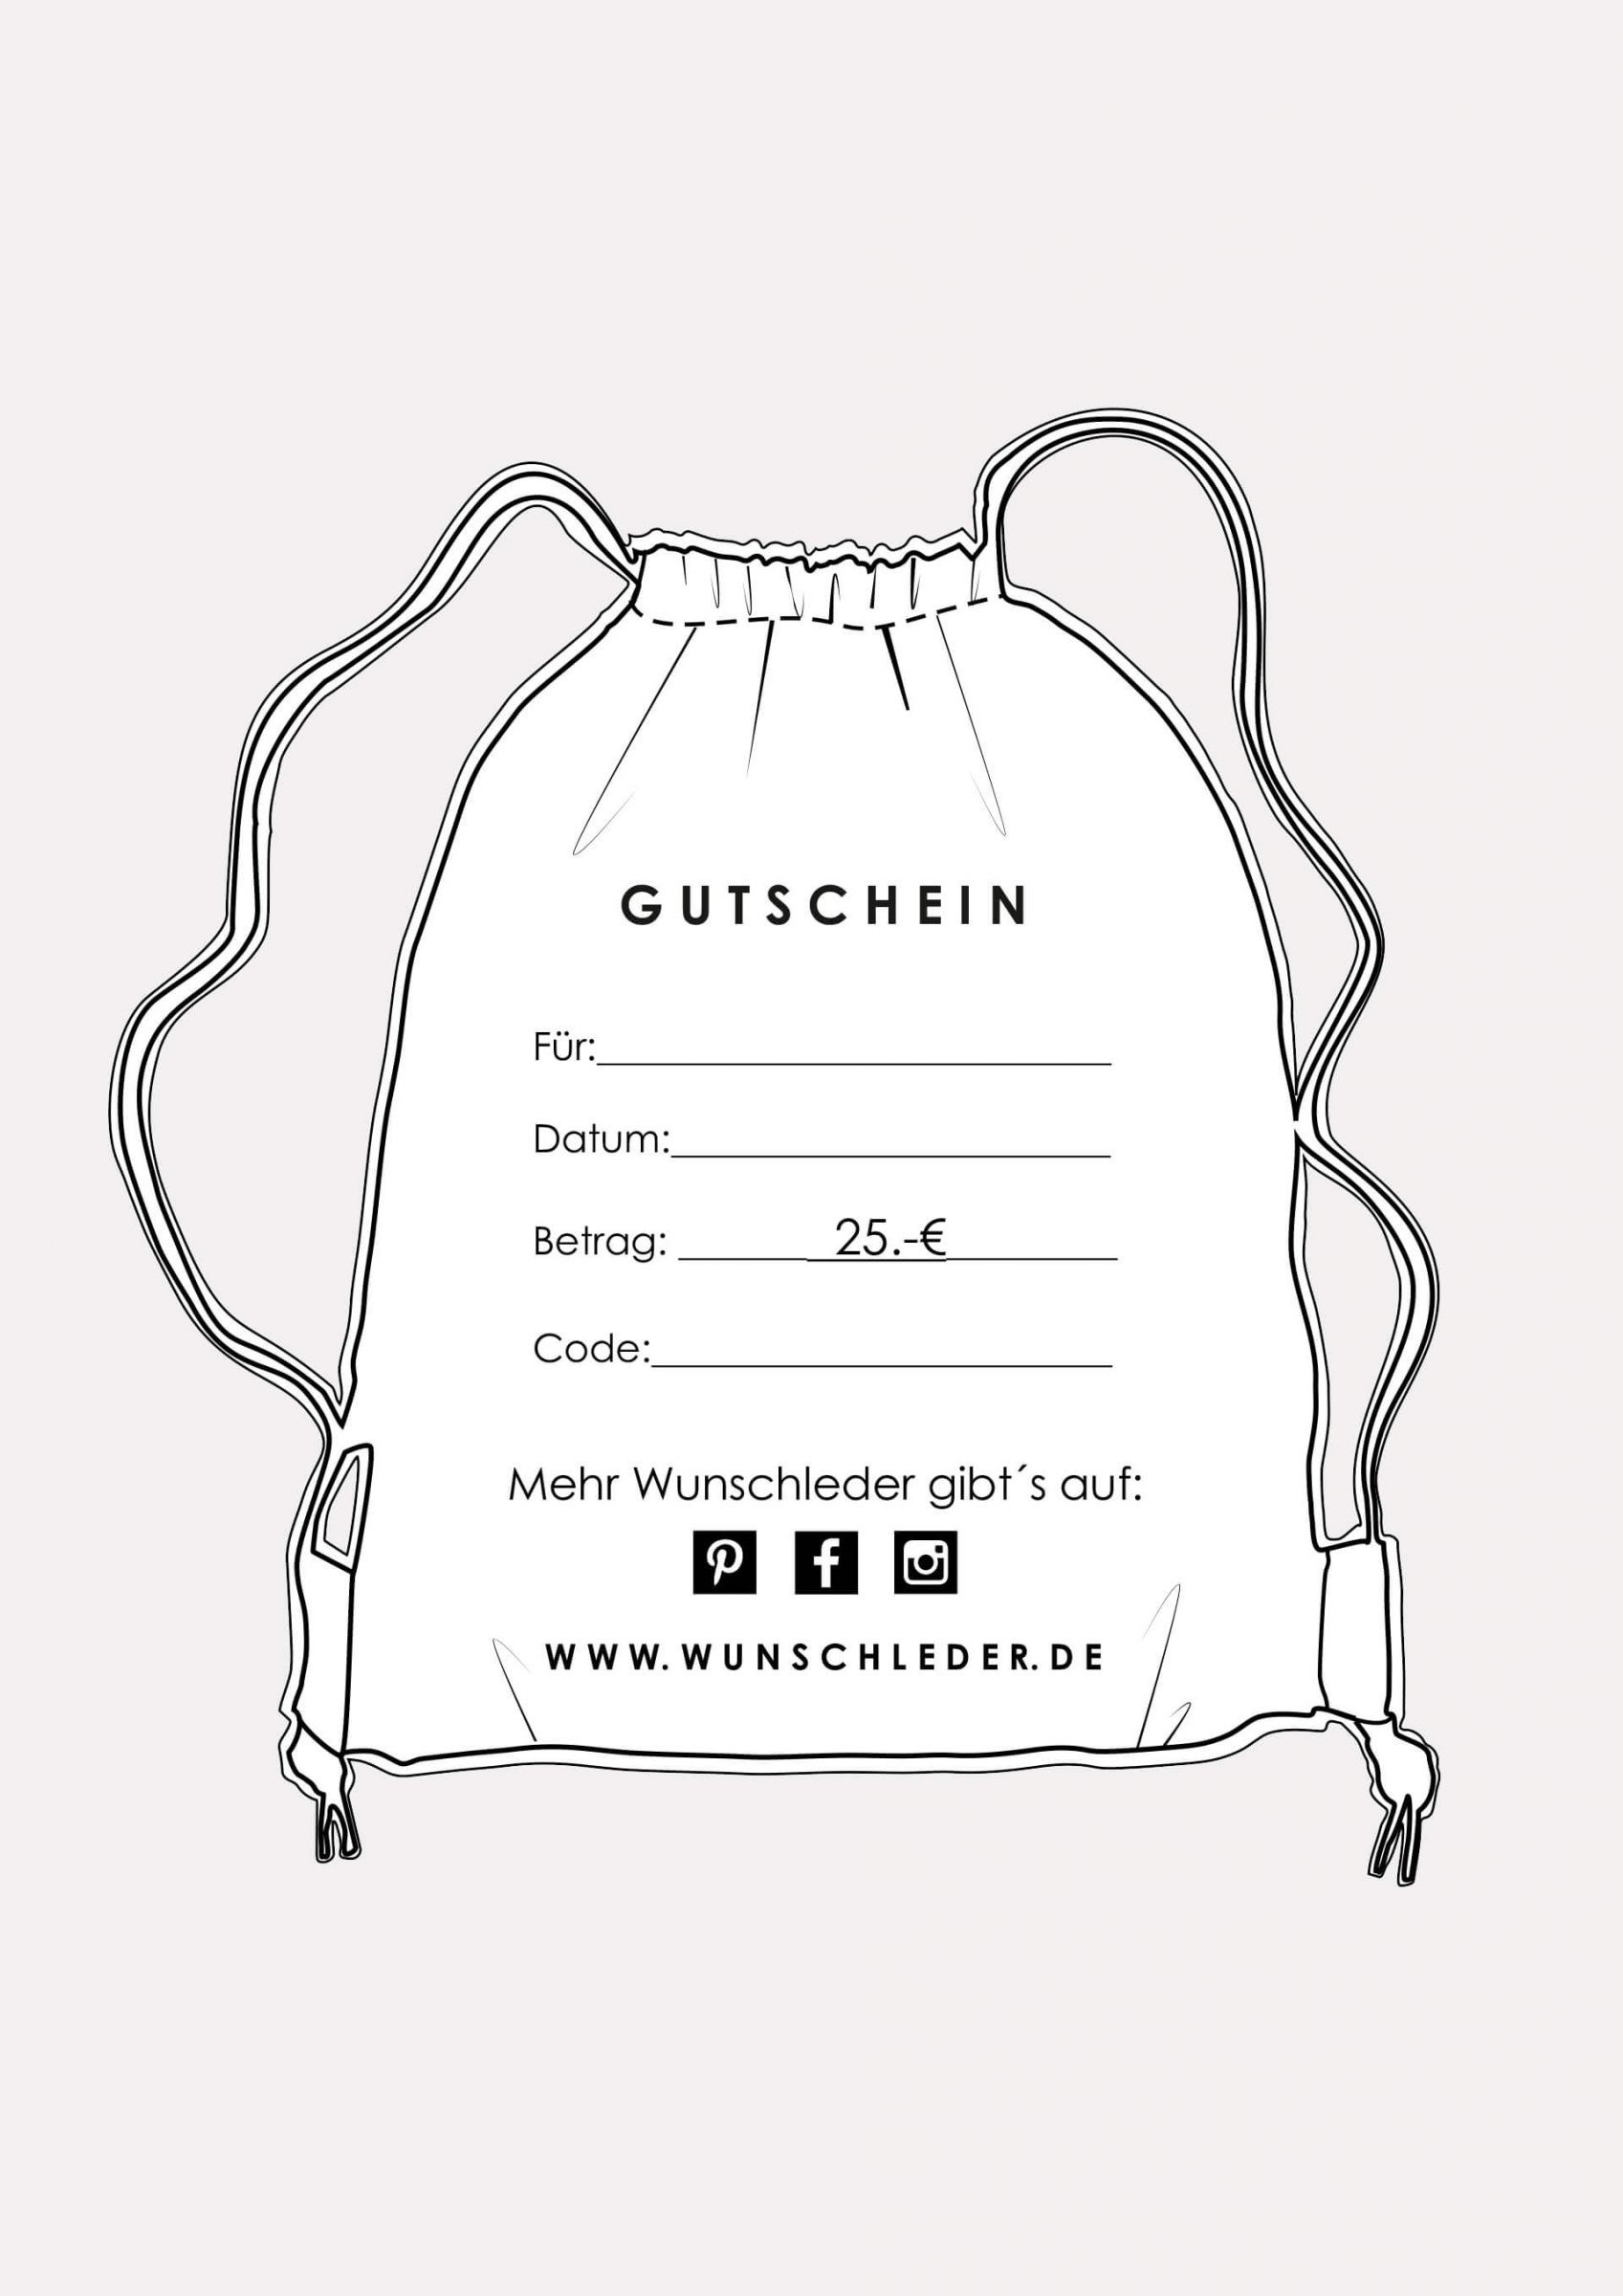 Geschenkgutschein für ein Wunschlederprodukt • 25 Euro